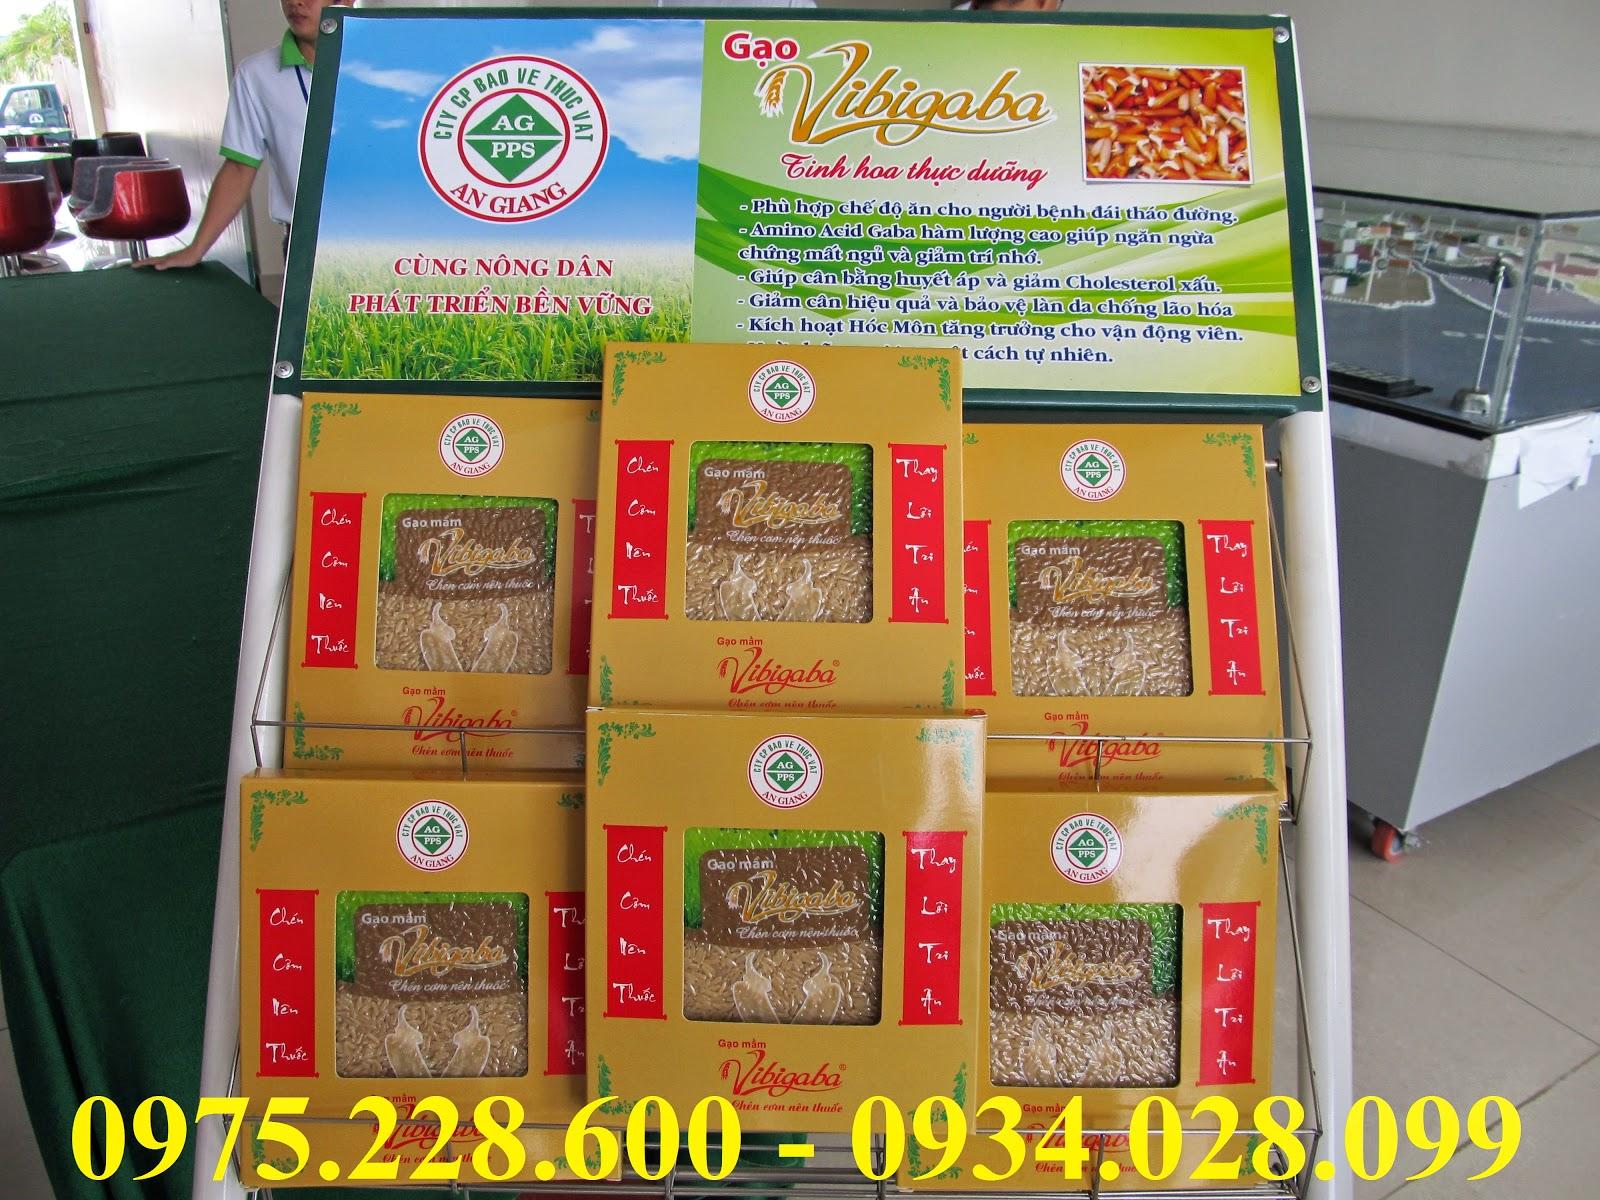 gạo mầm được đóng gói ép chân không Khối lượng: 75.000/1kg